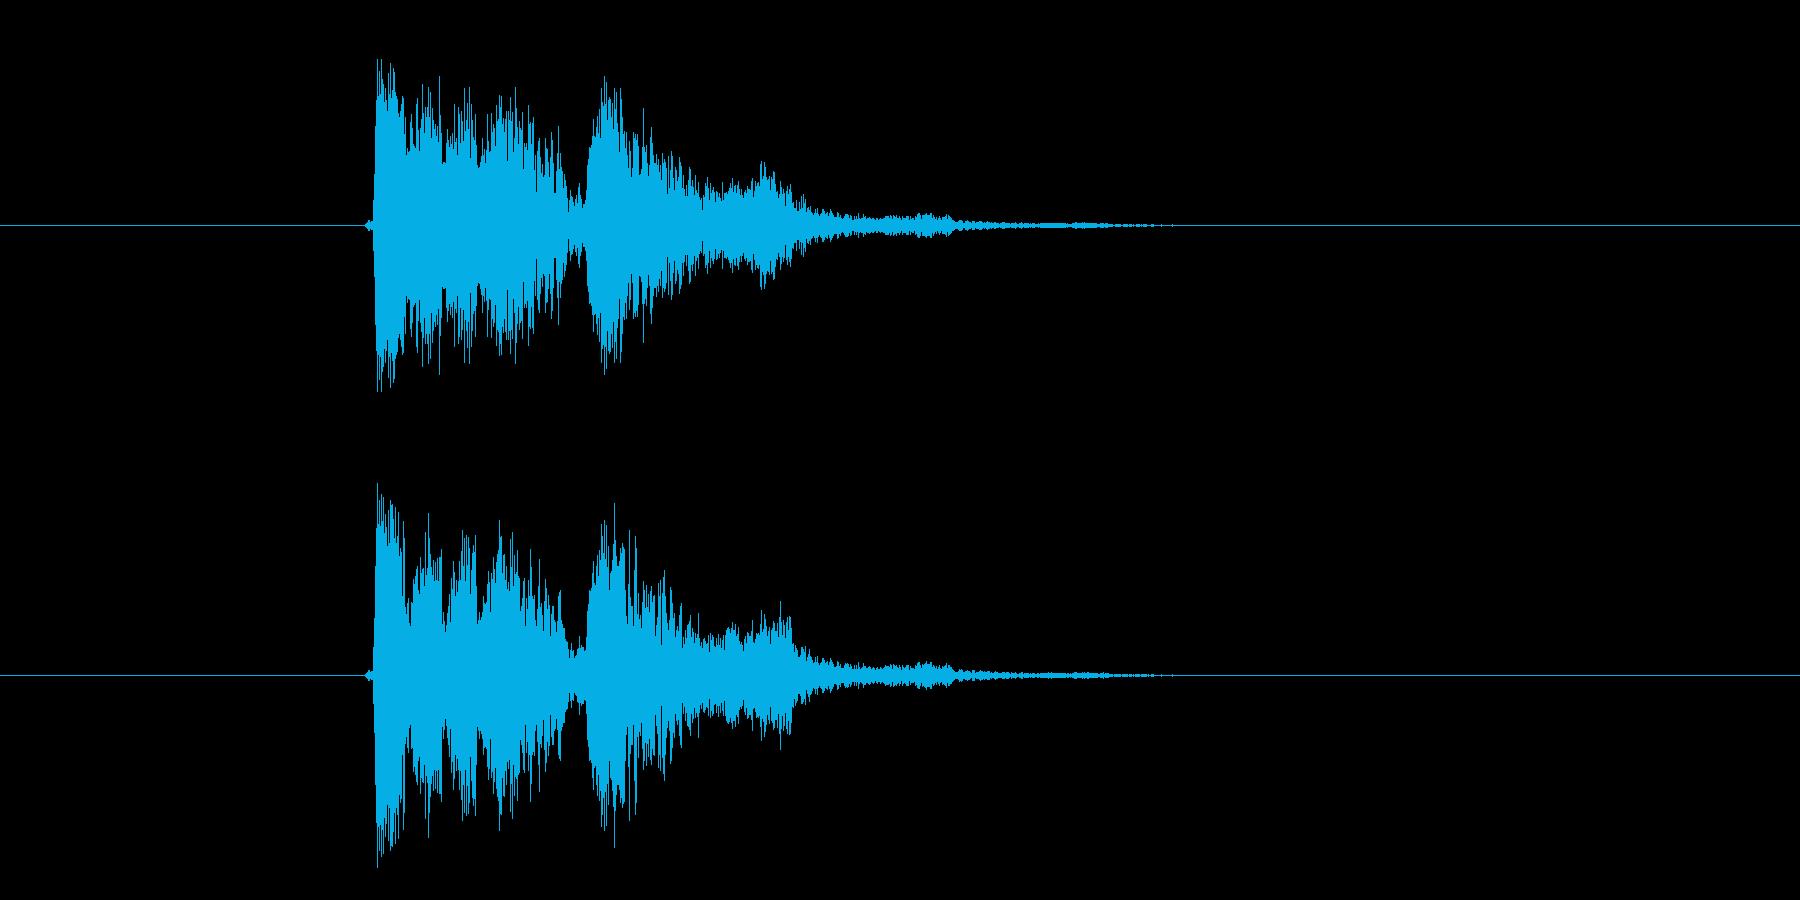 コミカルボイス音(妖精、アニメ)の再生済みの波形